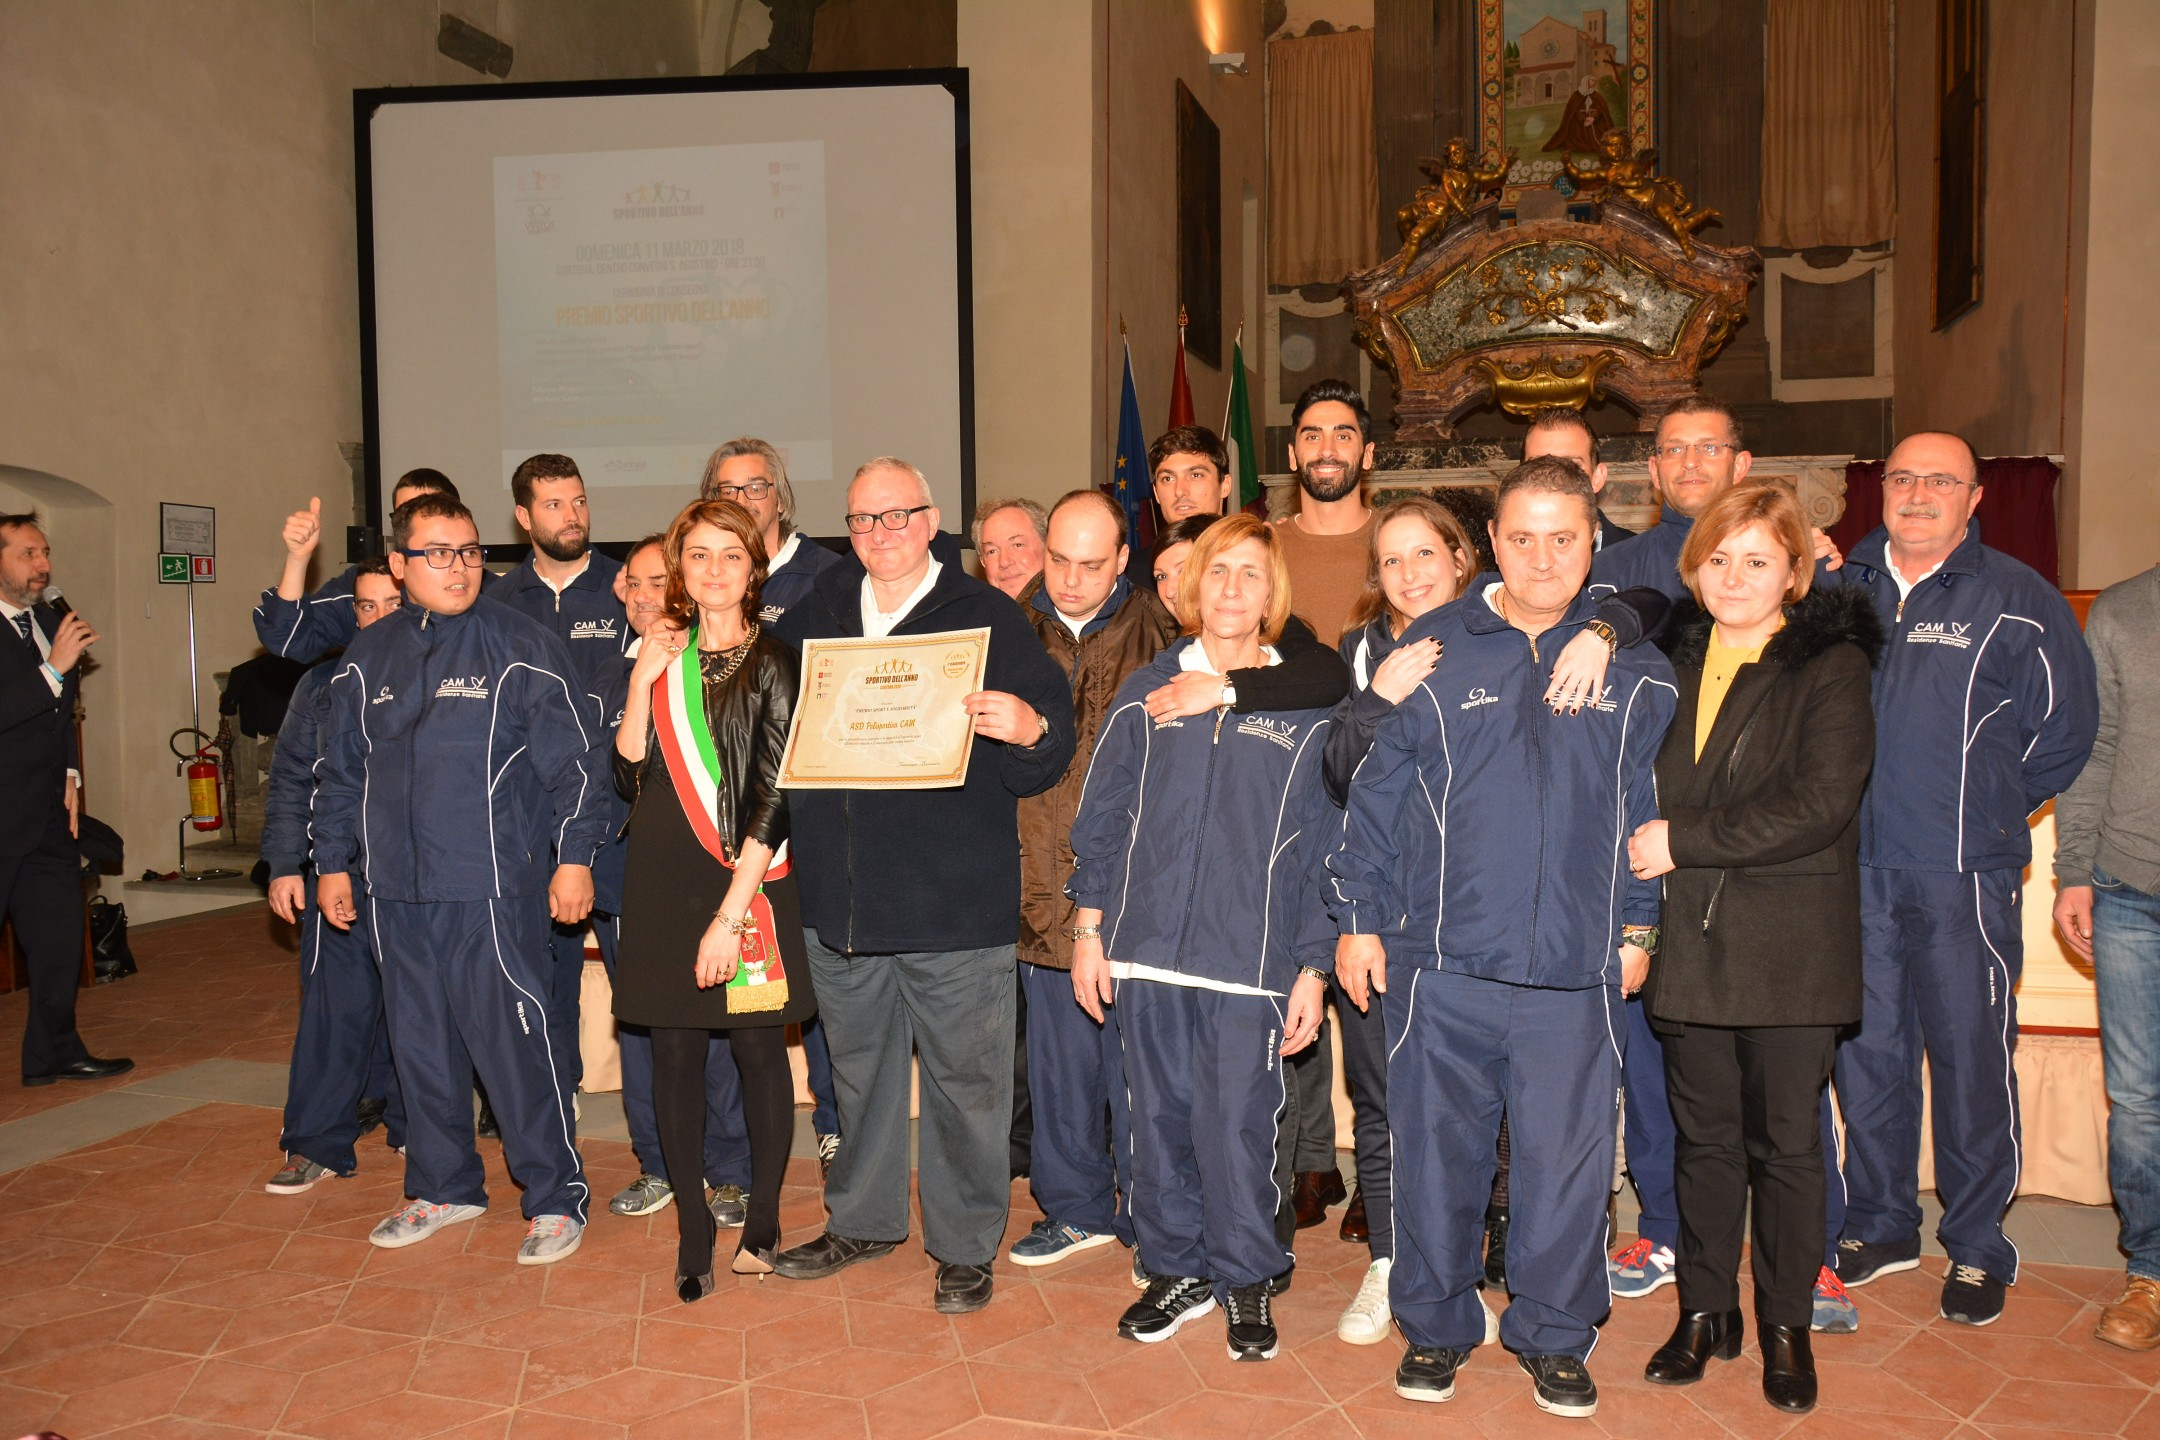 Premio Sportivo dell'anno a Cortona ecco i premiati -  TUTTE LE FOTO DELLA SERATA